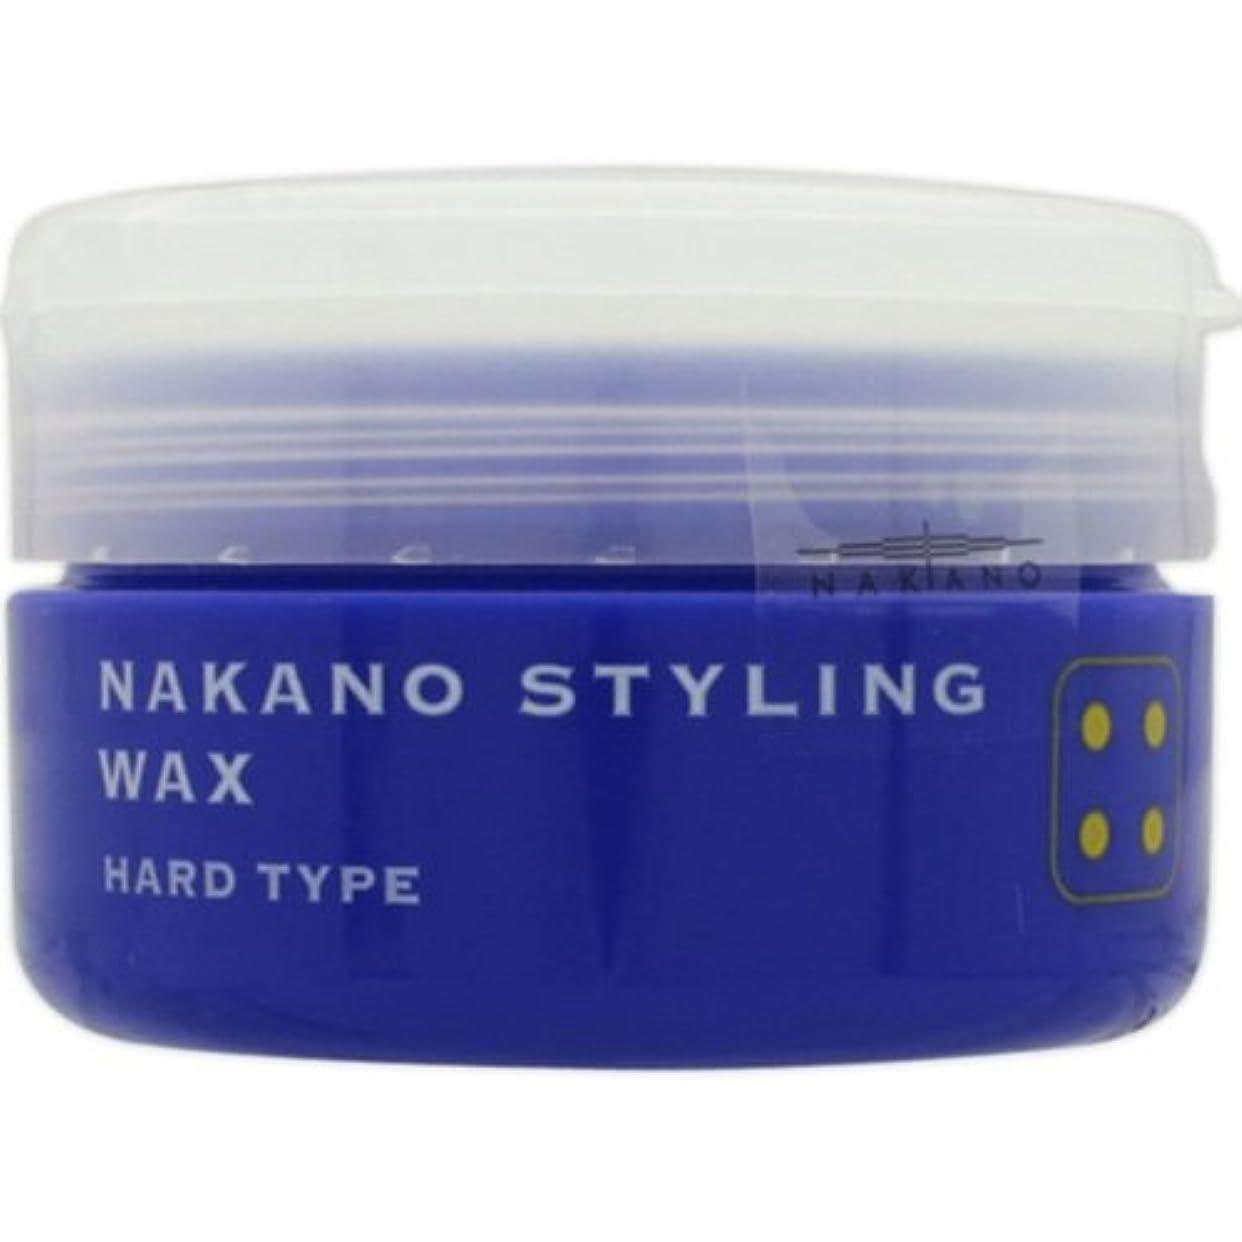 ビジュアル和らげるコレクションナカノ スタイリングワックス 4 ハードタイプ 90g 中野製薬 NAKANO